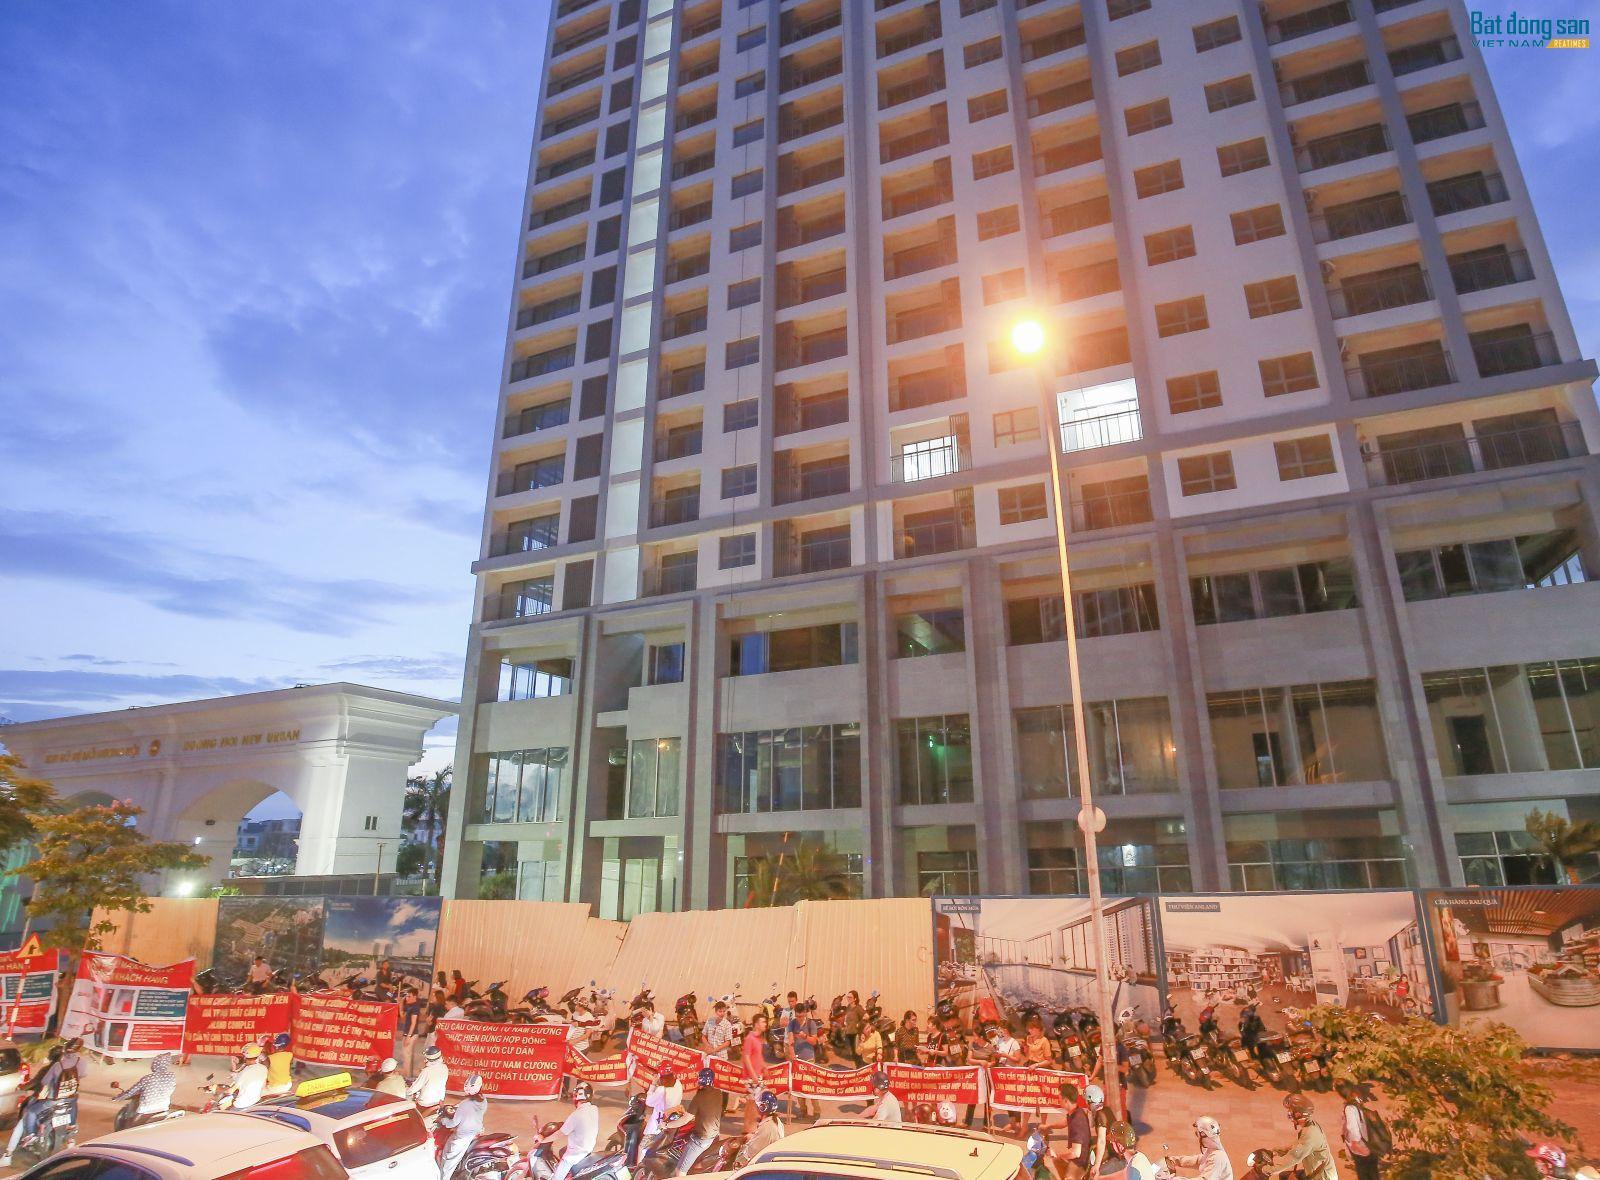 Khách hàng mua căn hộ chung cư tại Anland Complex treo băng-rôn, khẩu hiệu tố cáo chủ đầu tư Nam Cường sai phạm